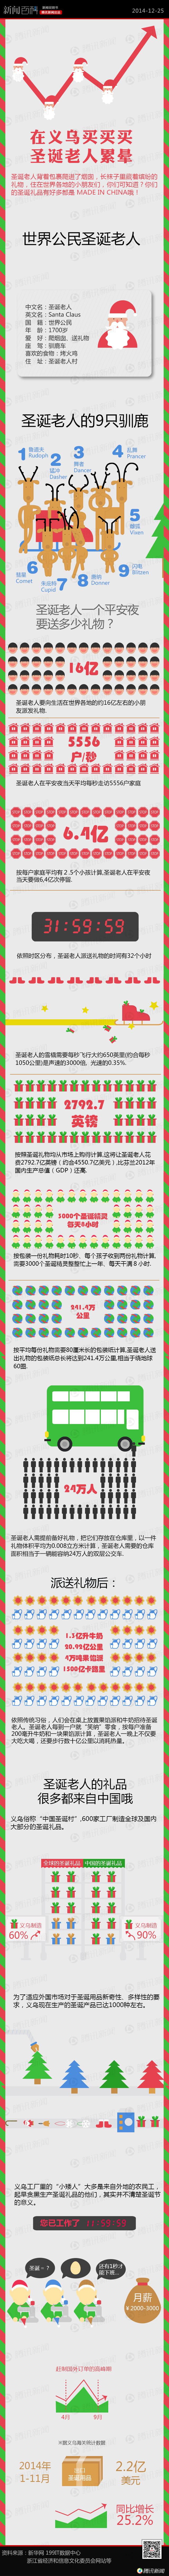 新闻百科:在义乌买买买,圣诞老人累晕 第3张